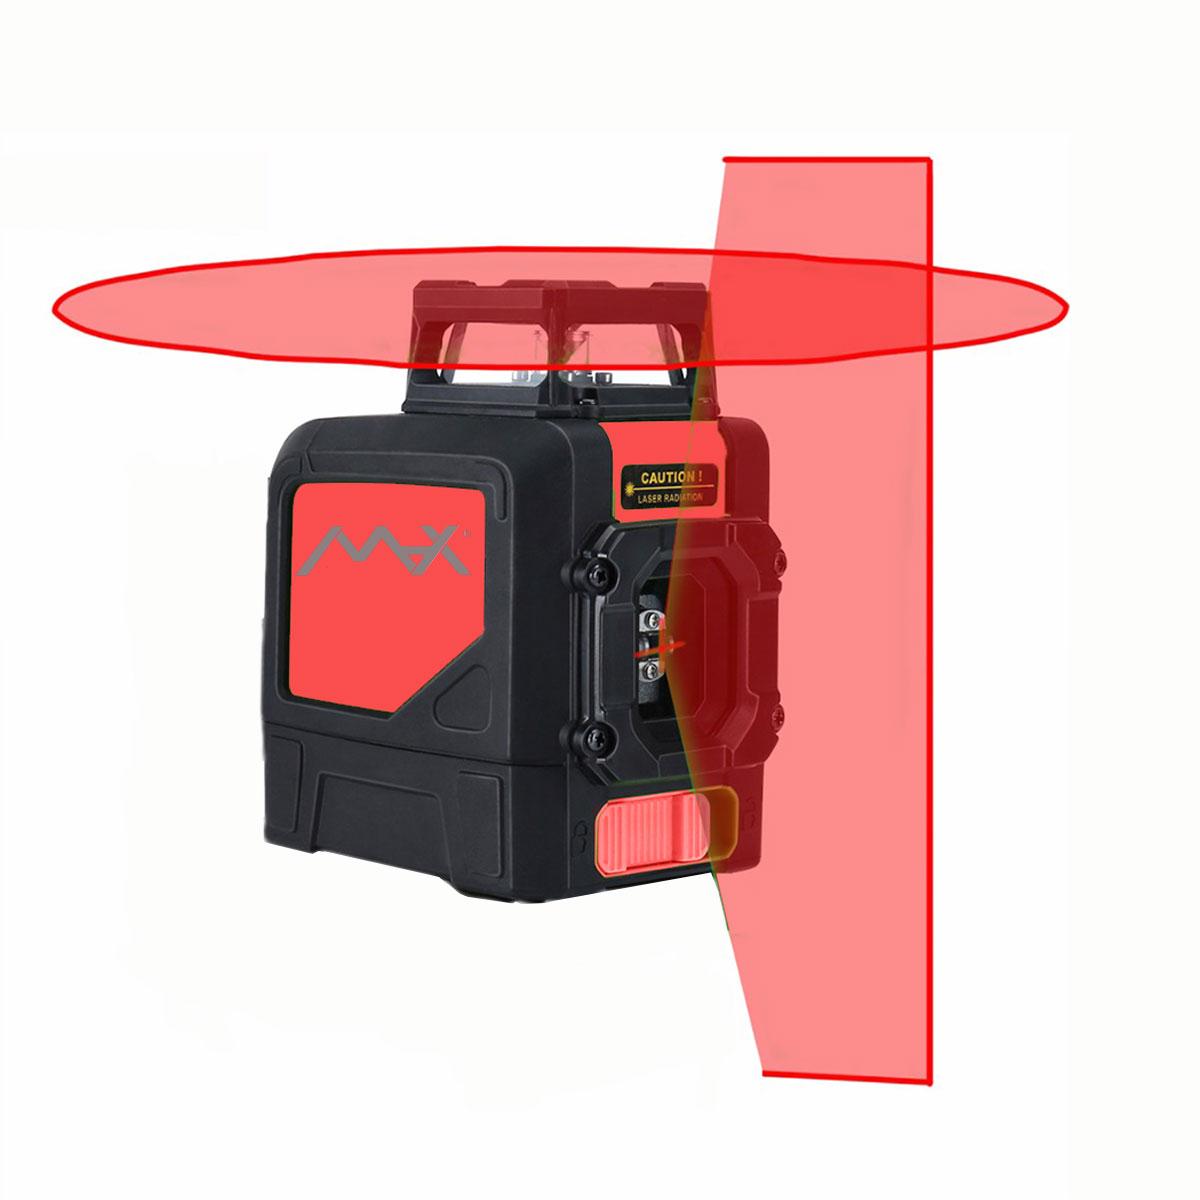 جهاز تحديد الشيرب 2 خط قطر 40 م 180°, 360°